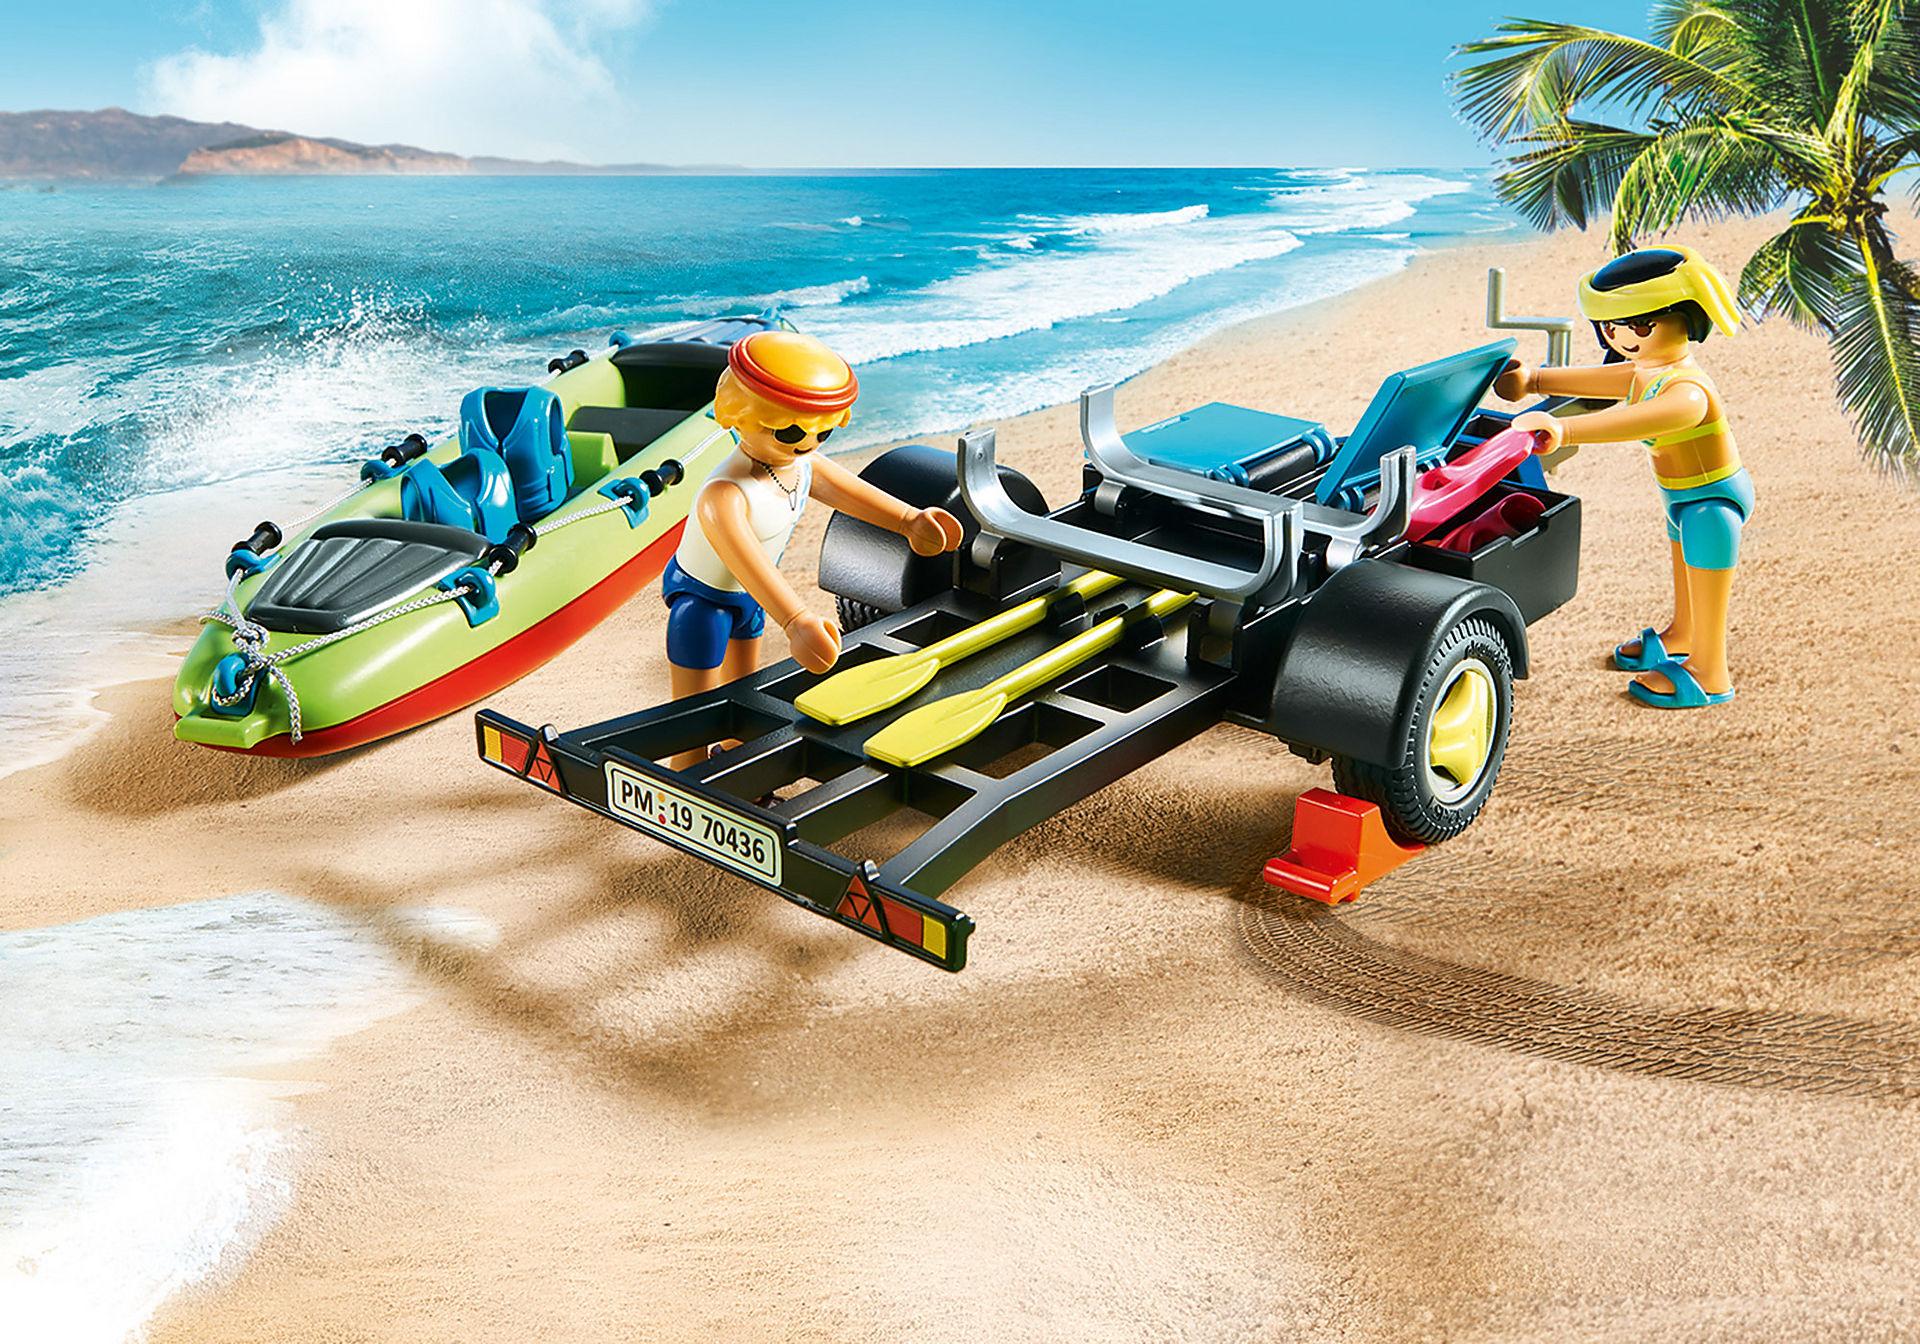 70436 Пляжный автомобиль с прицепом для байдарки zoom image5